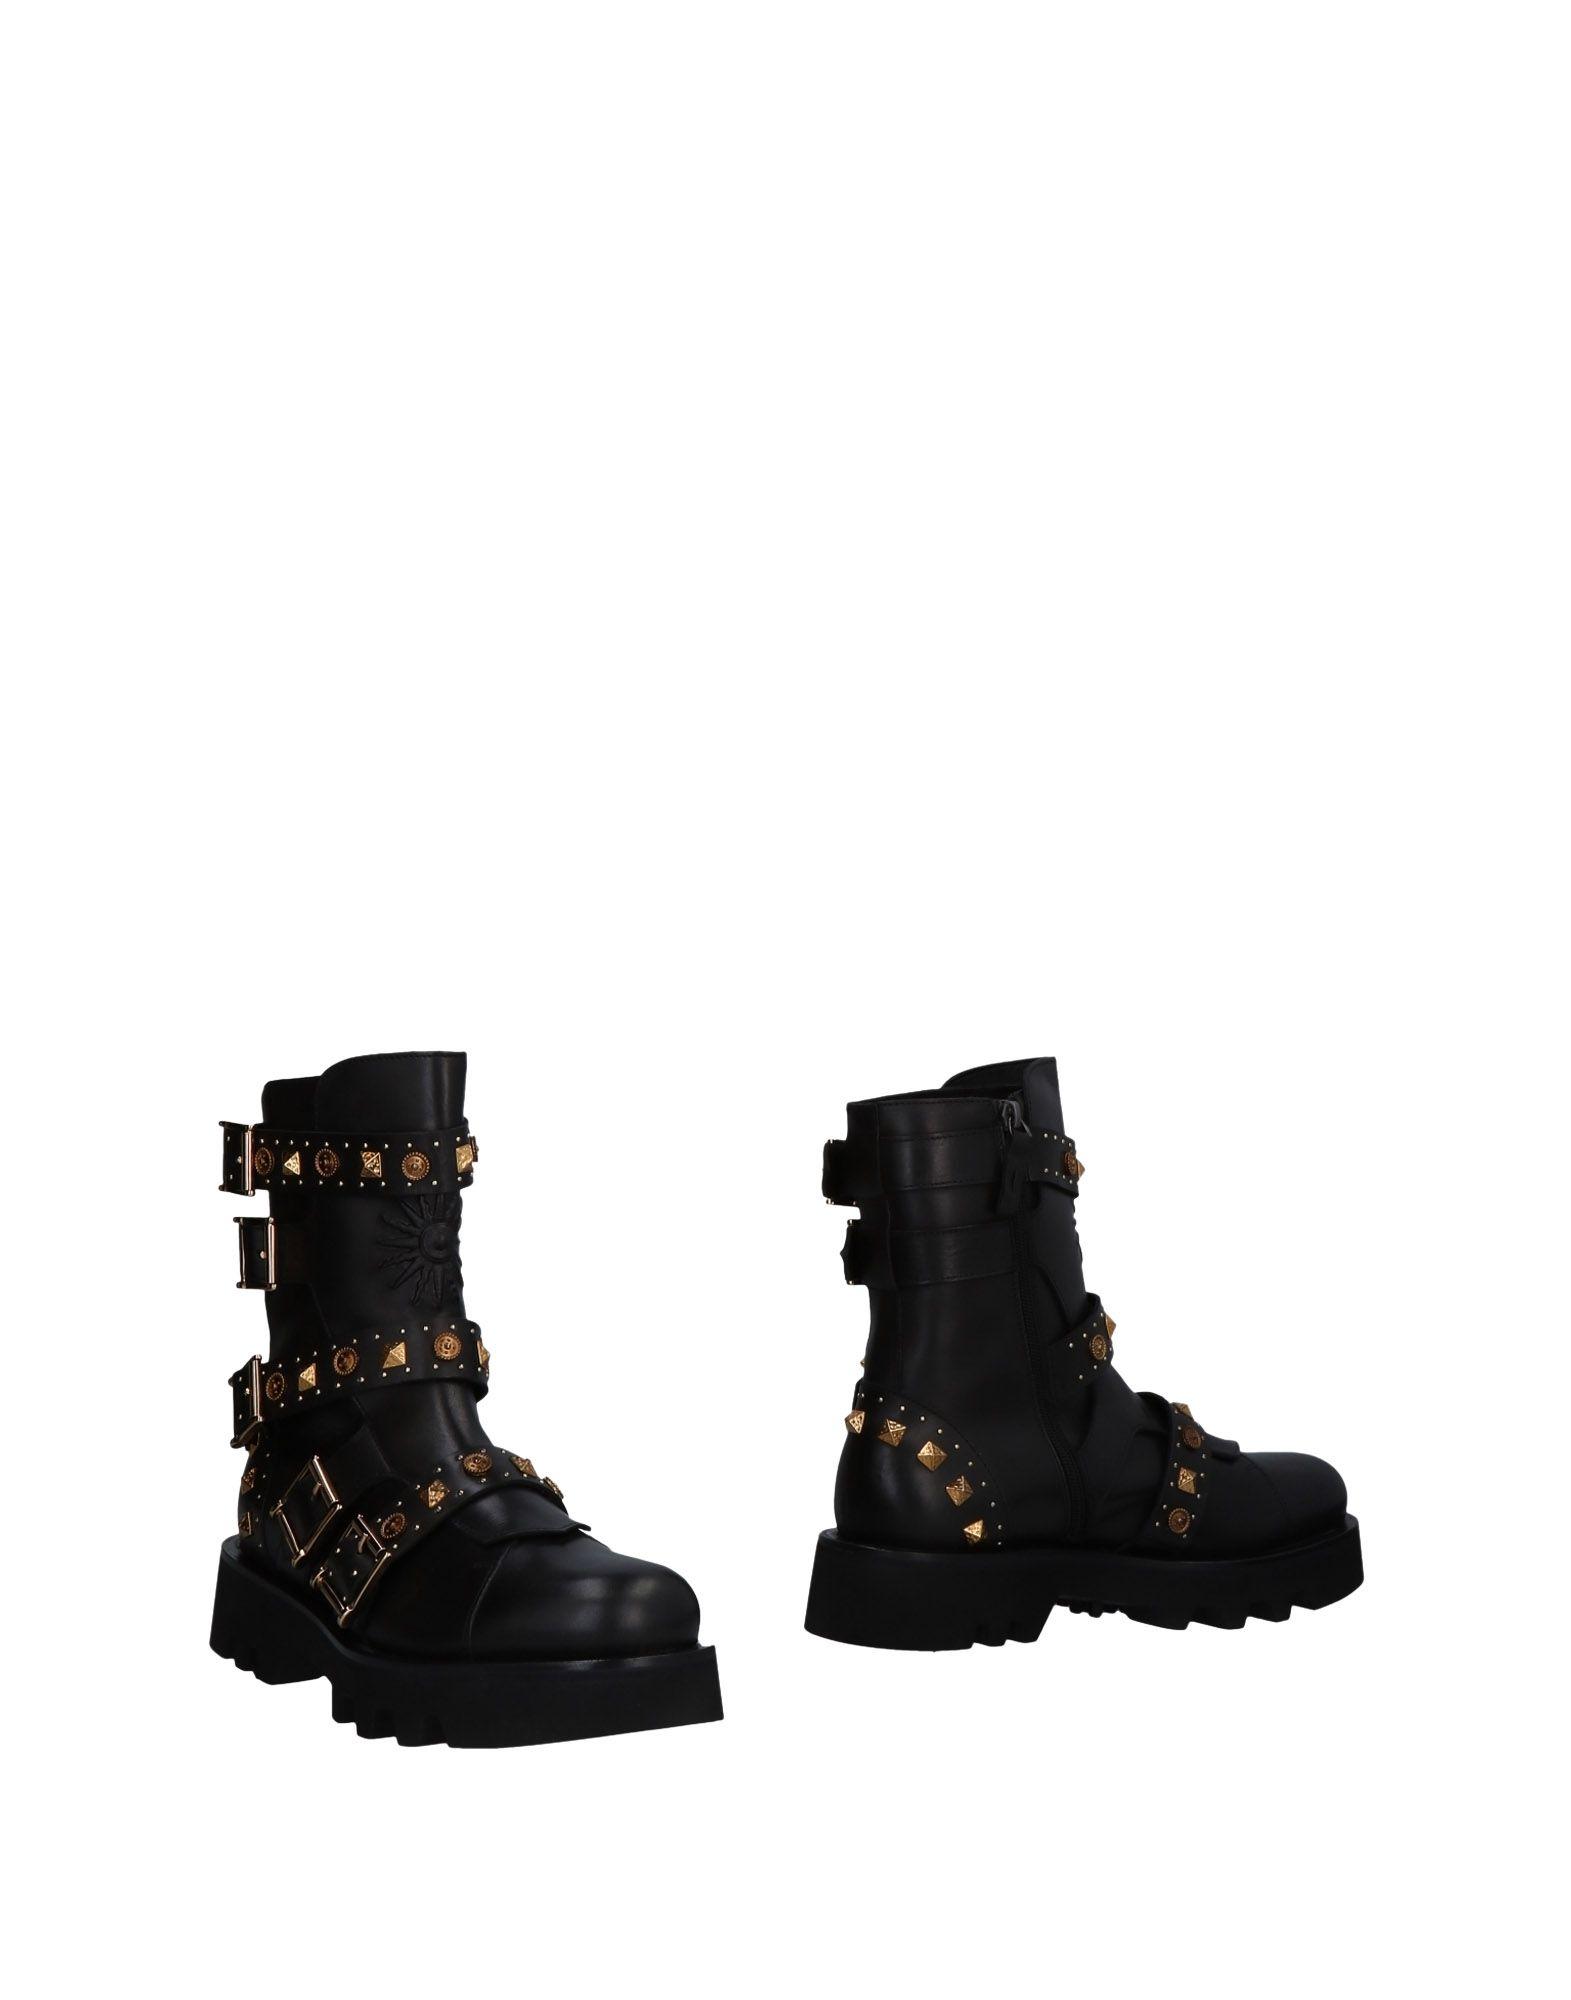 Fausto Puglisi Stiefelette Herren  11495456HL Gute Qualität beliebte Schuhe